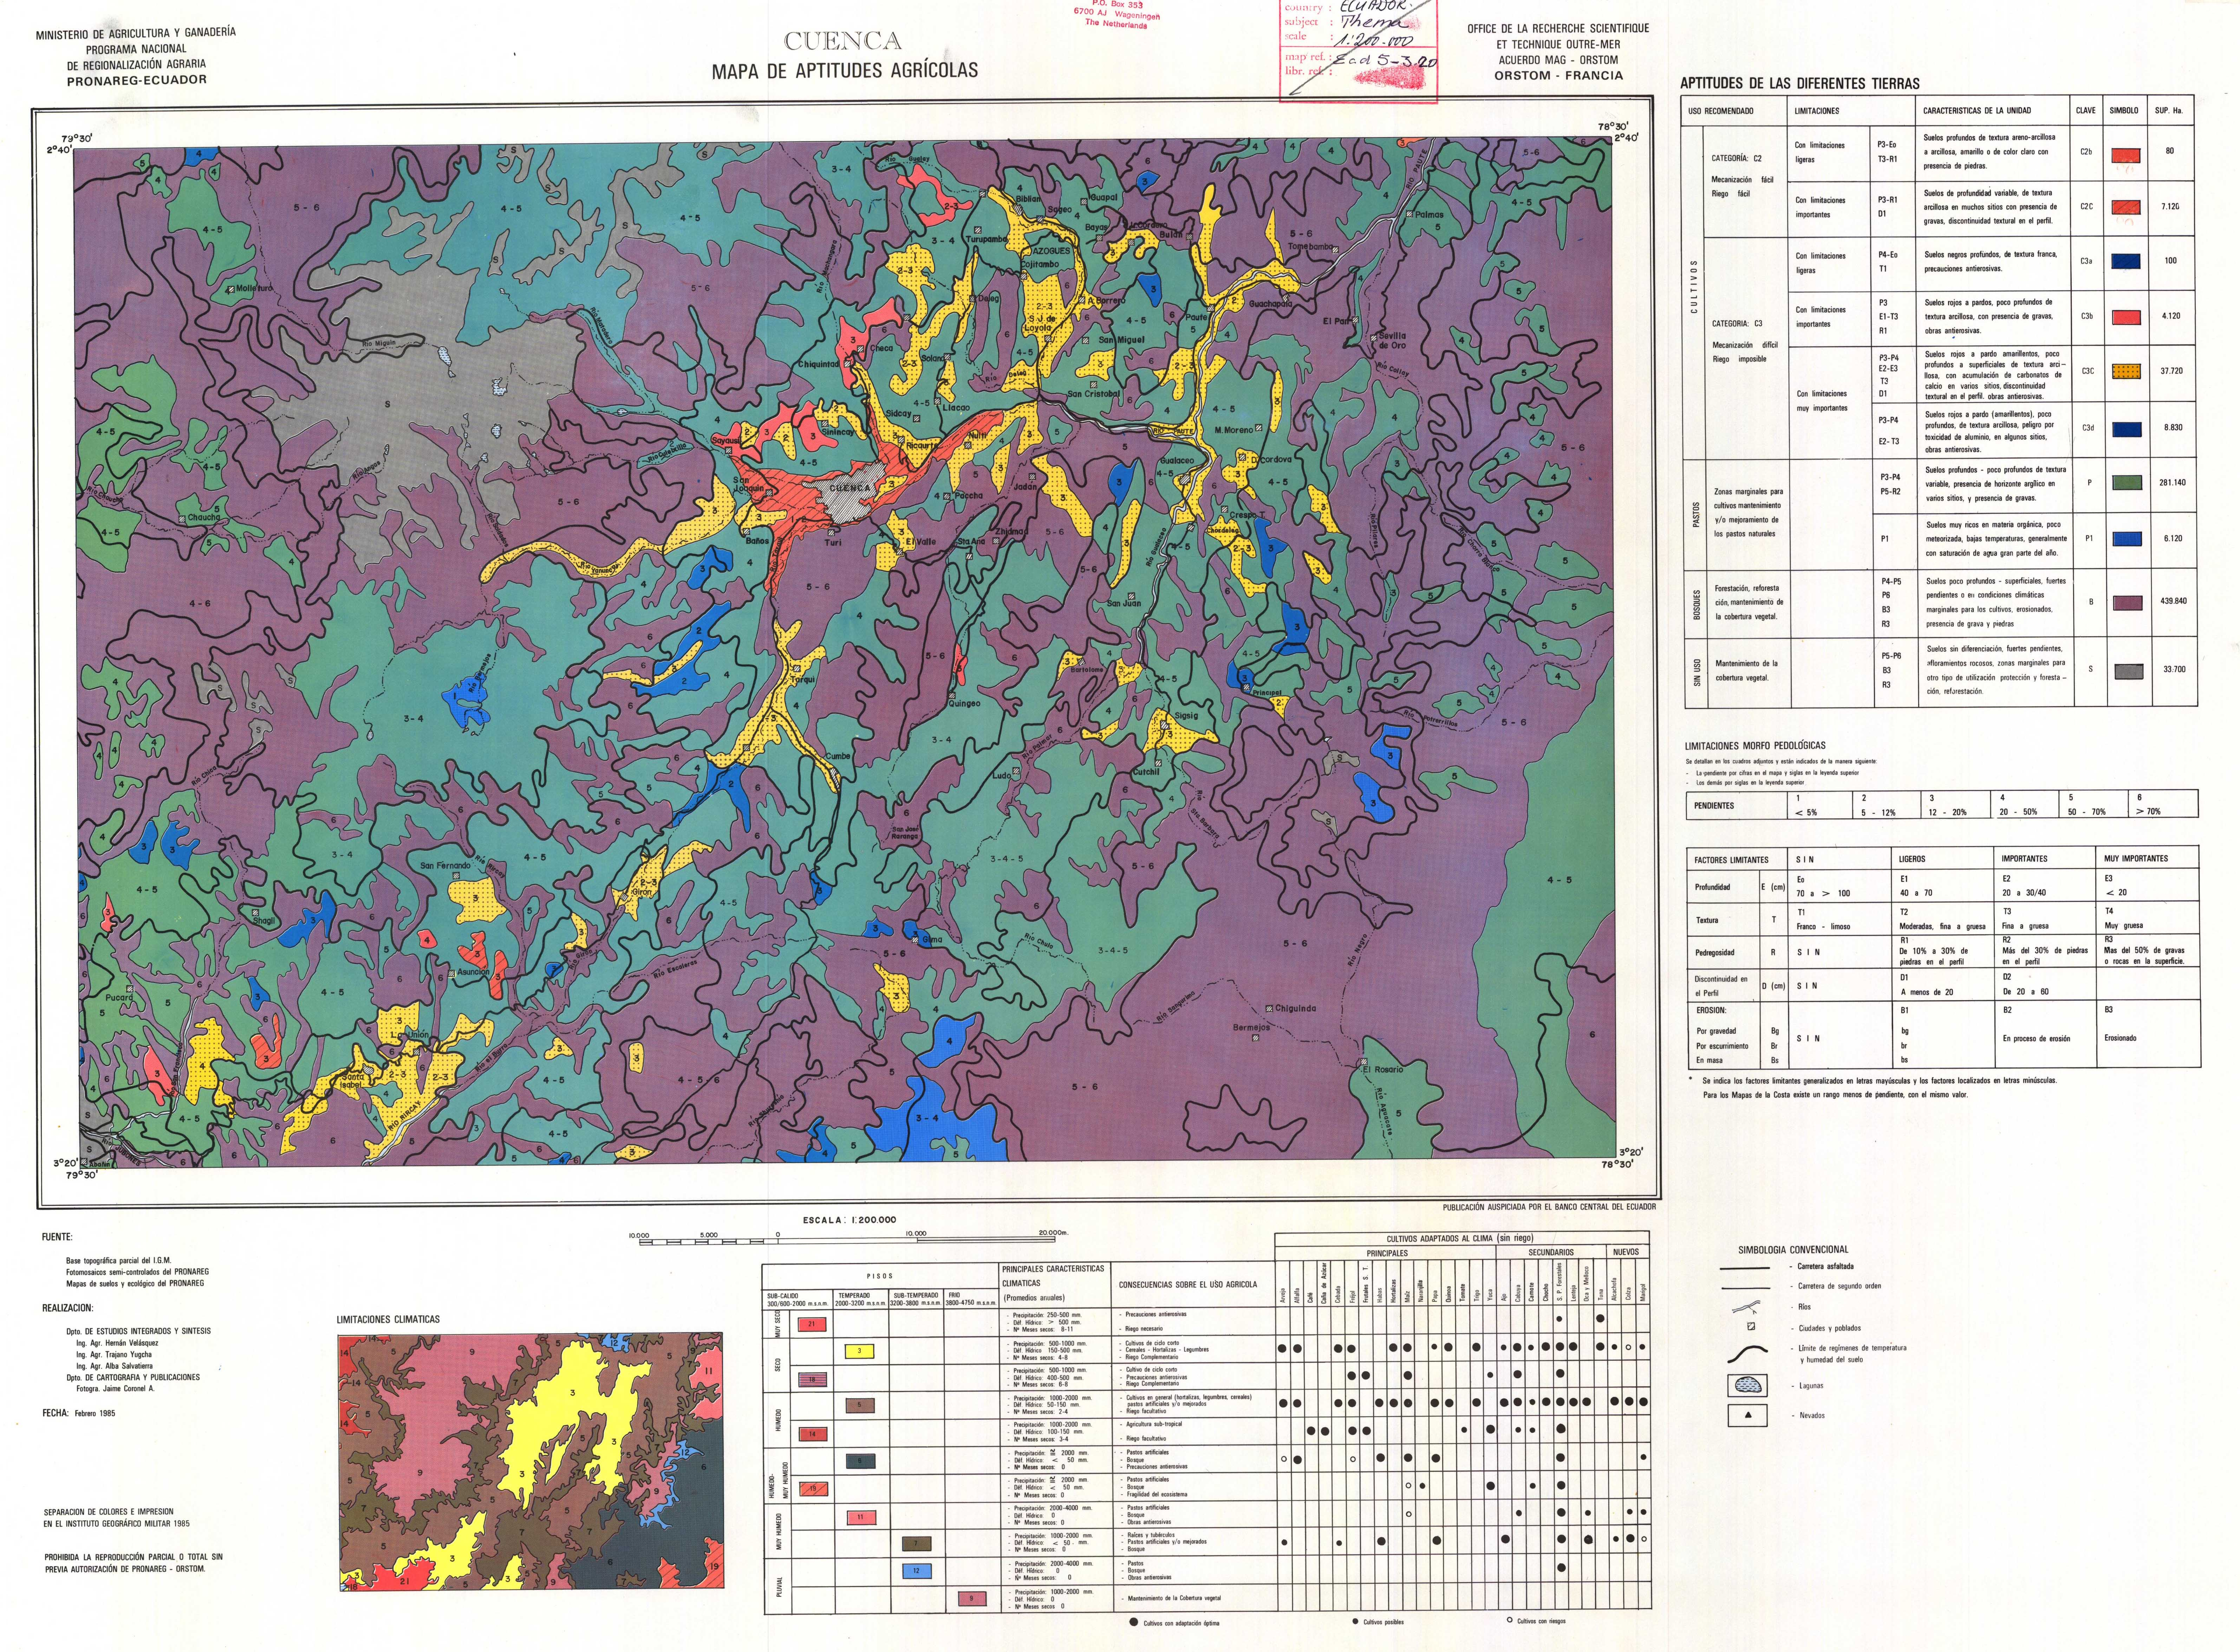 Aptitudes agrícolas de la región de Cuenca 1985